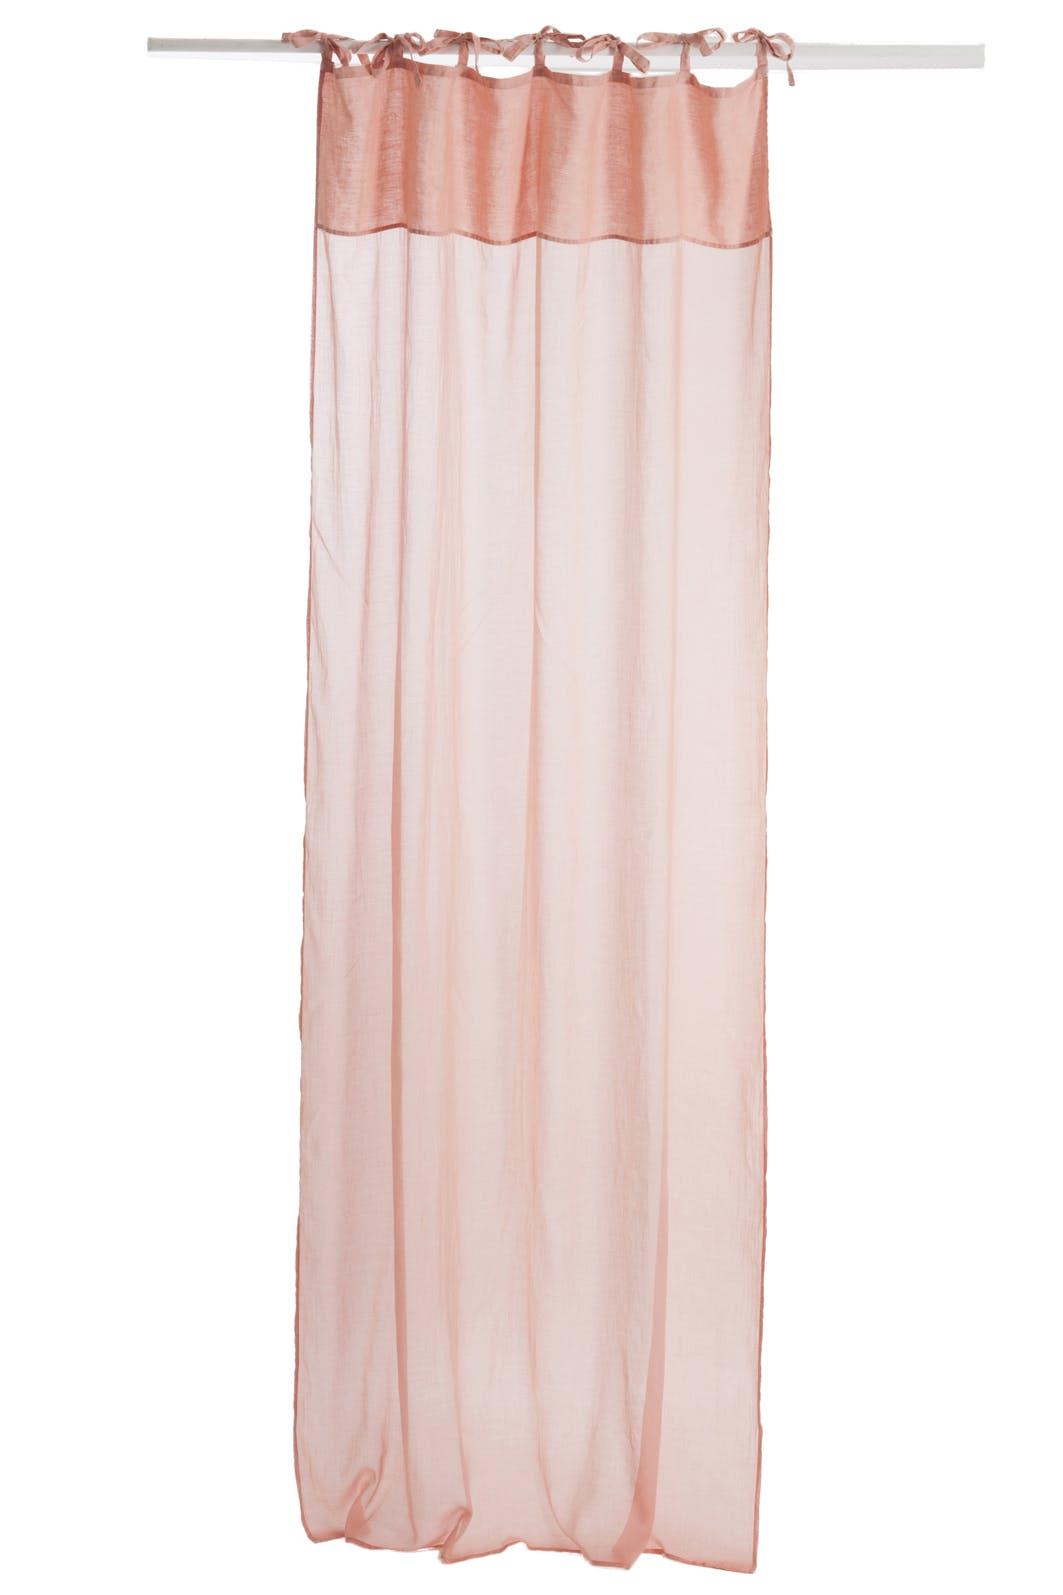 Rideau voile en coton et lin, coloris rose pêche, 140x290cm